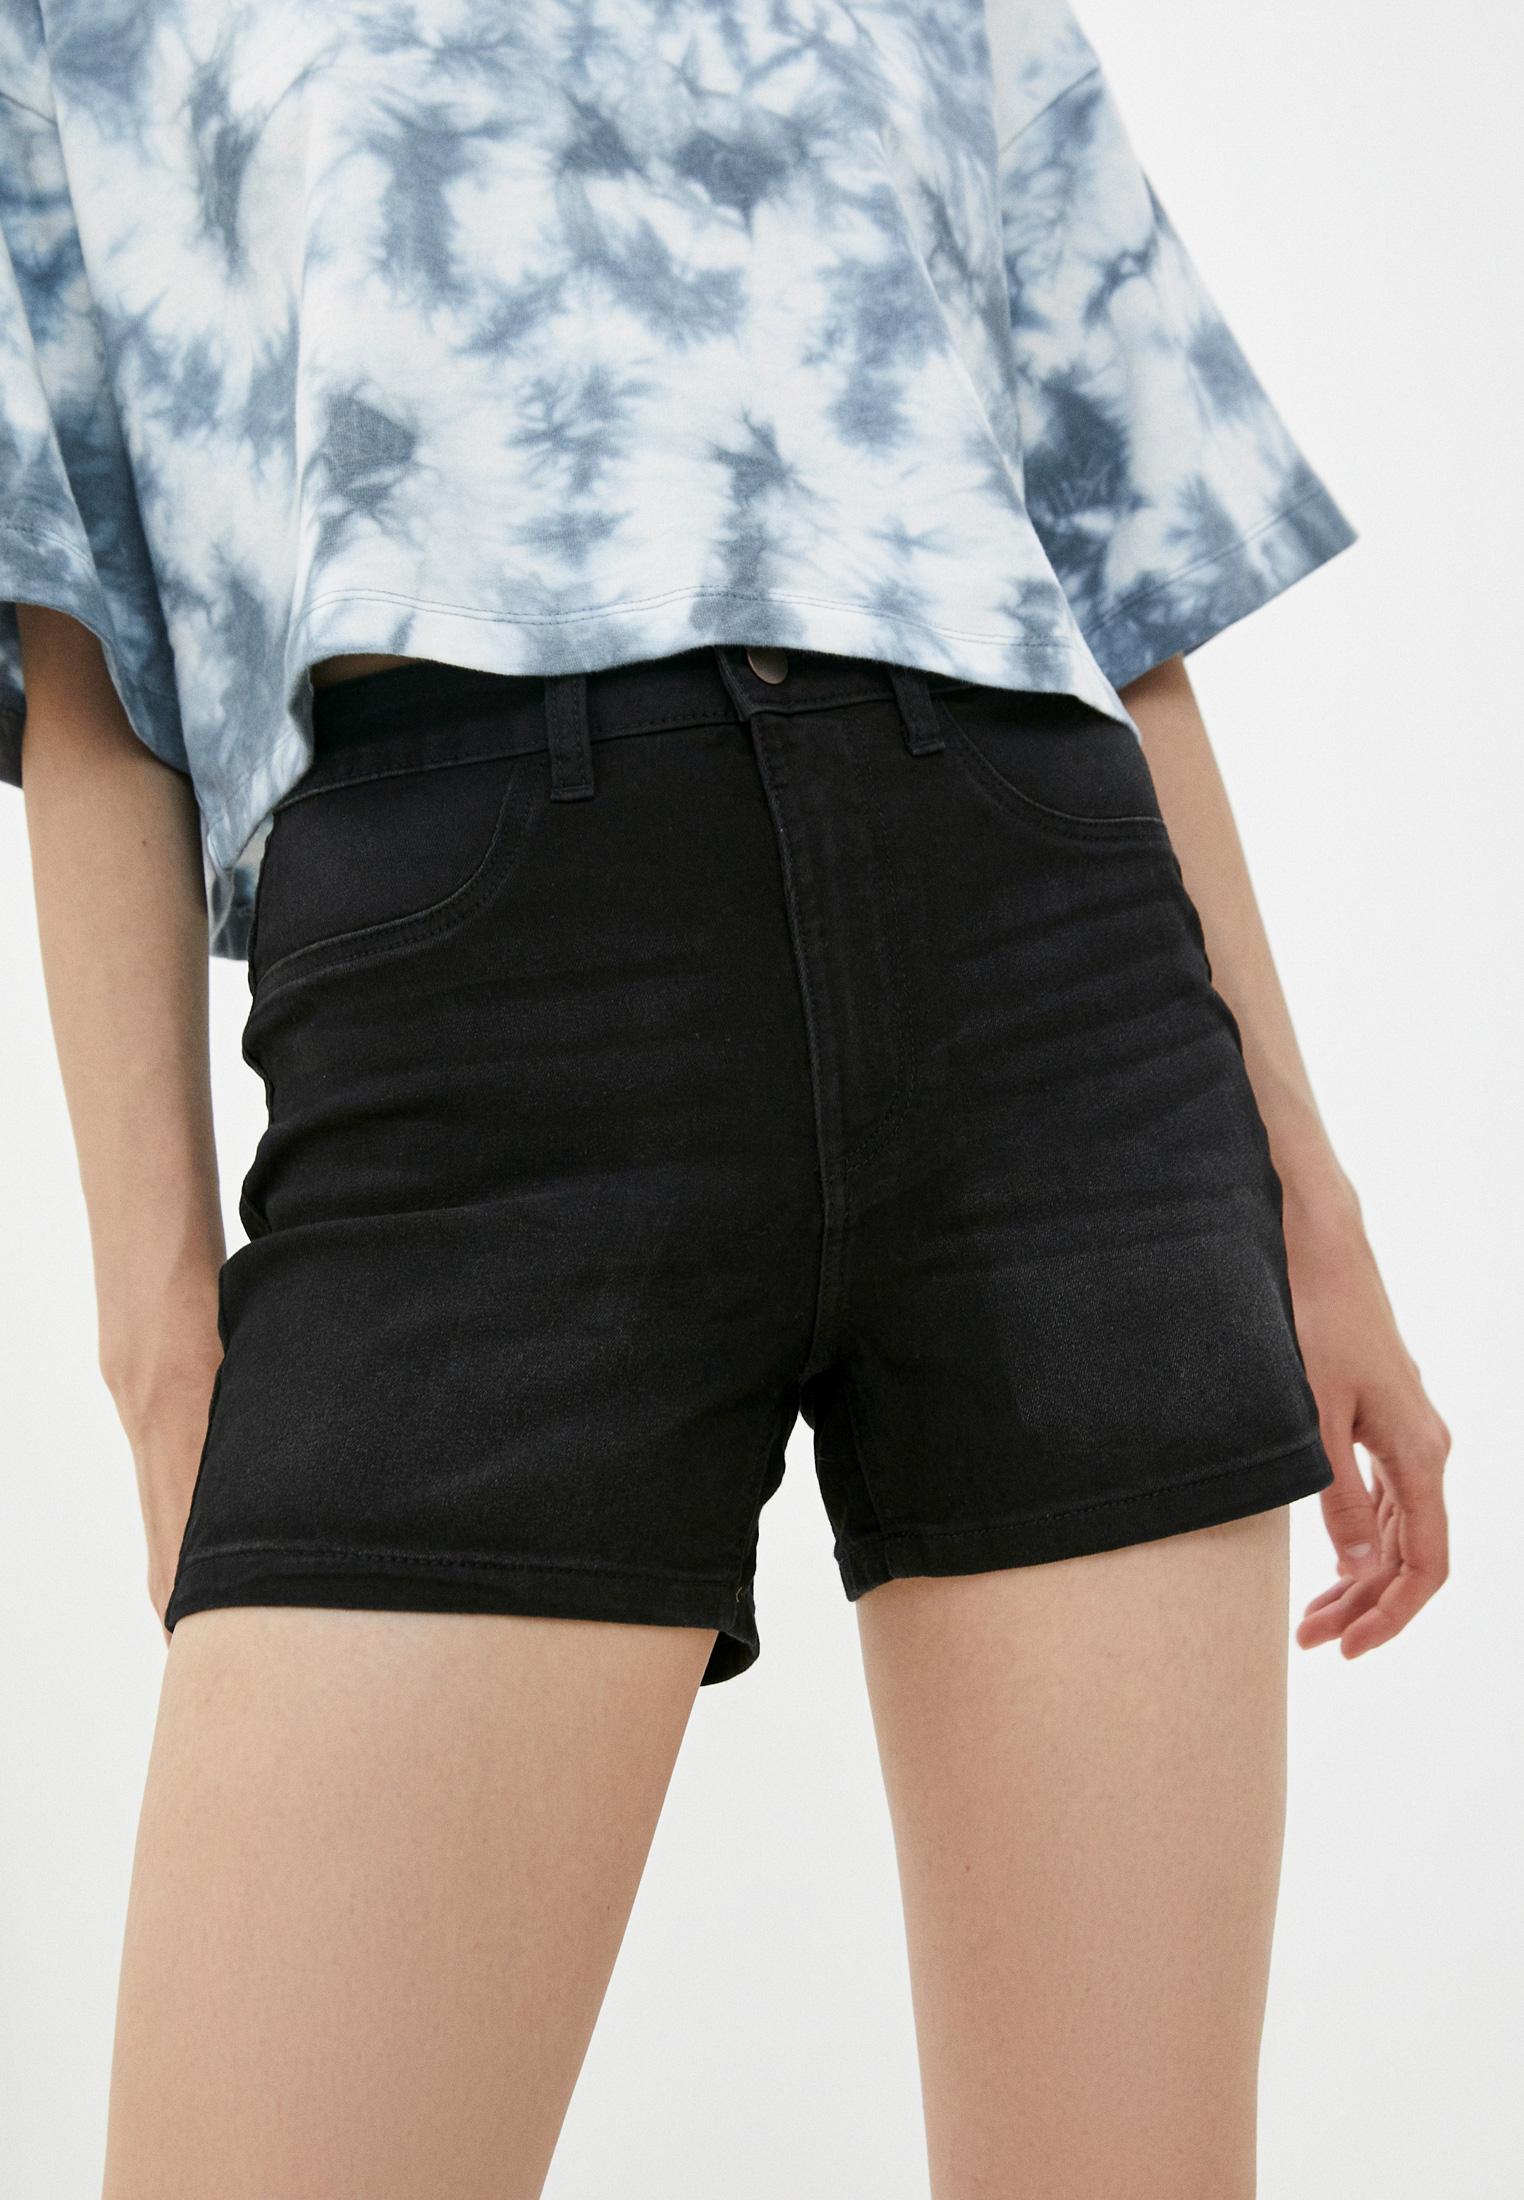 Женские джинсовые шорты Jacqueline de Yong Шорты джинсовые Jacqueline de Yong